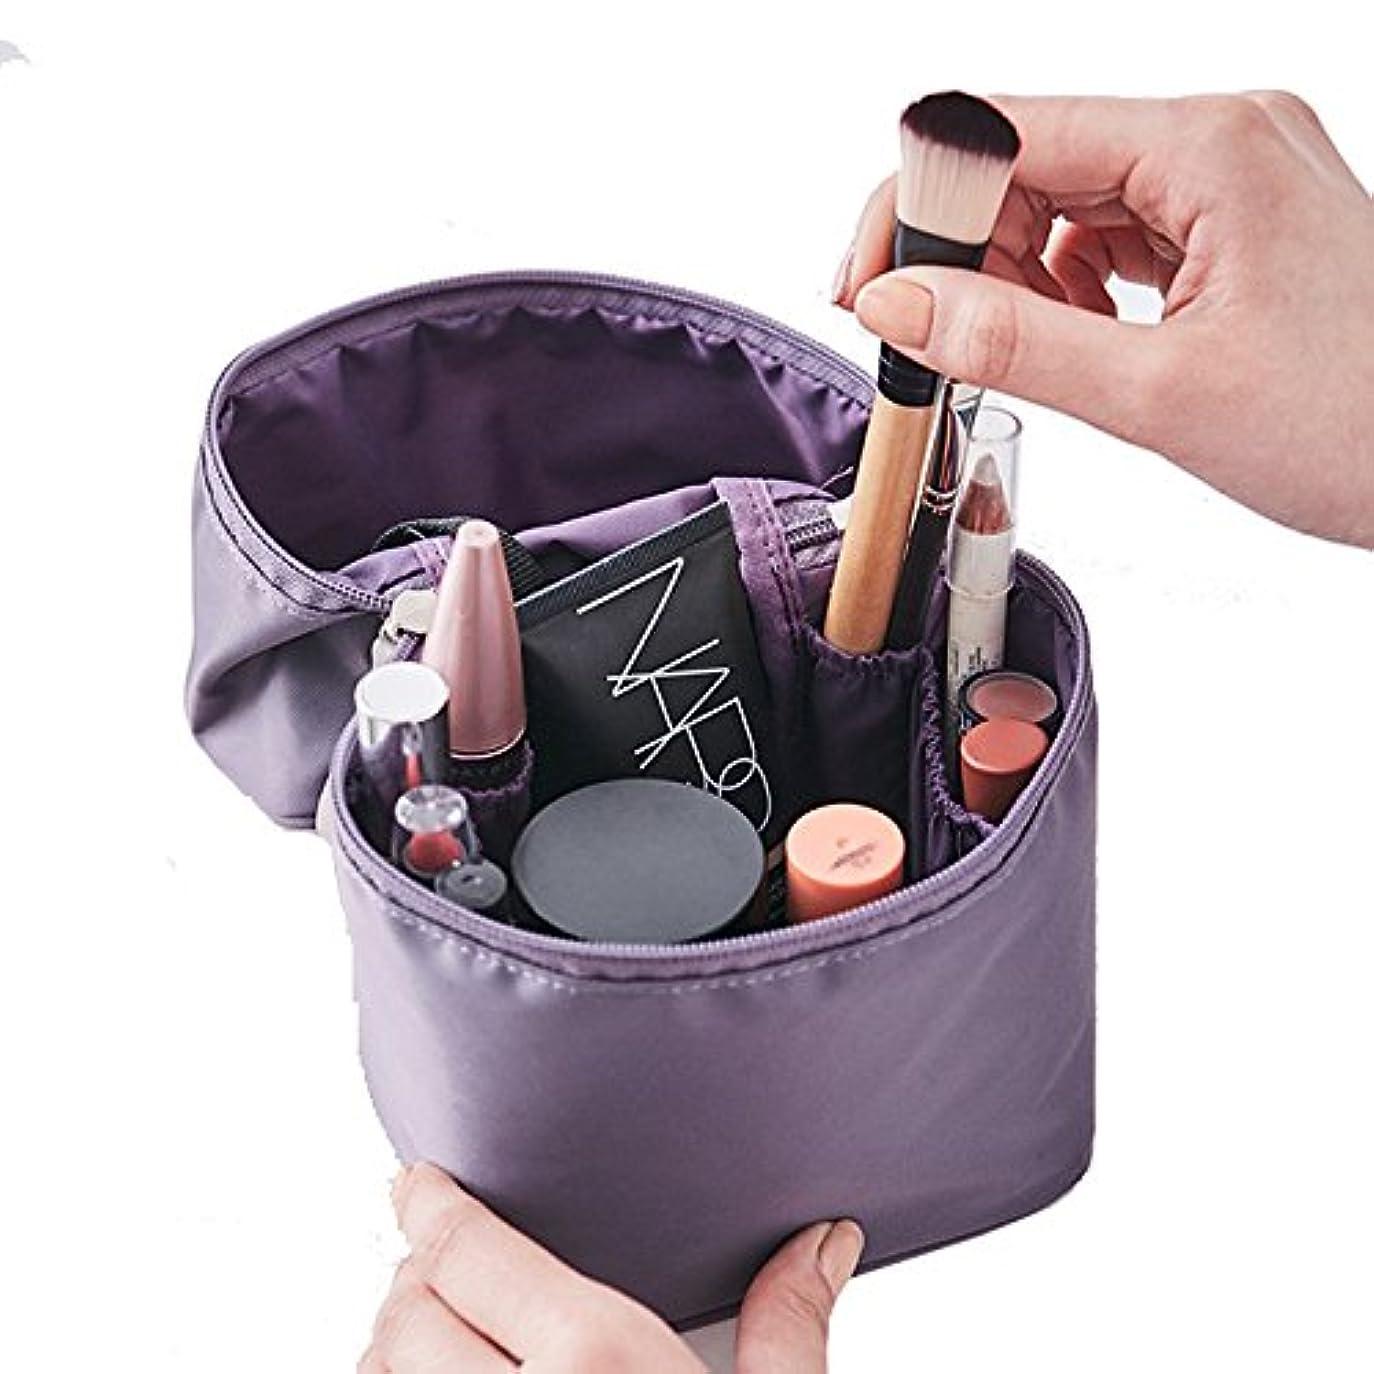 ithinkso VERTICAL MAKE-UP BOX 縦に収納できるボックスタイプ化粧ポーチ 化粧水 トラベル 旅行 (ラベンダー)